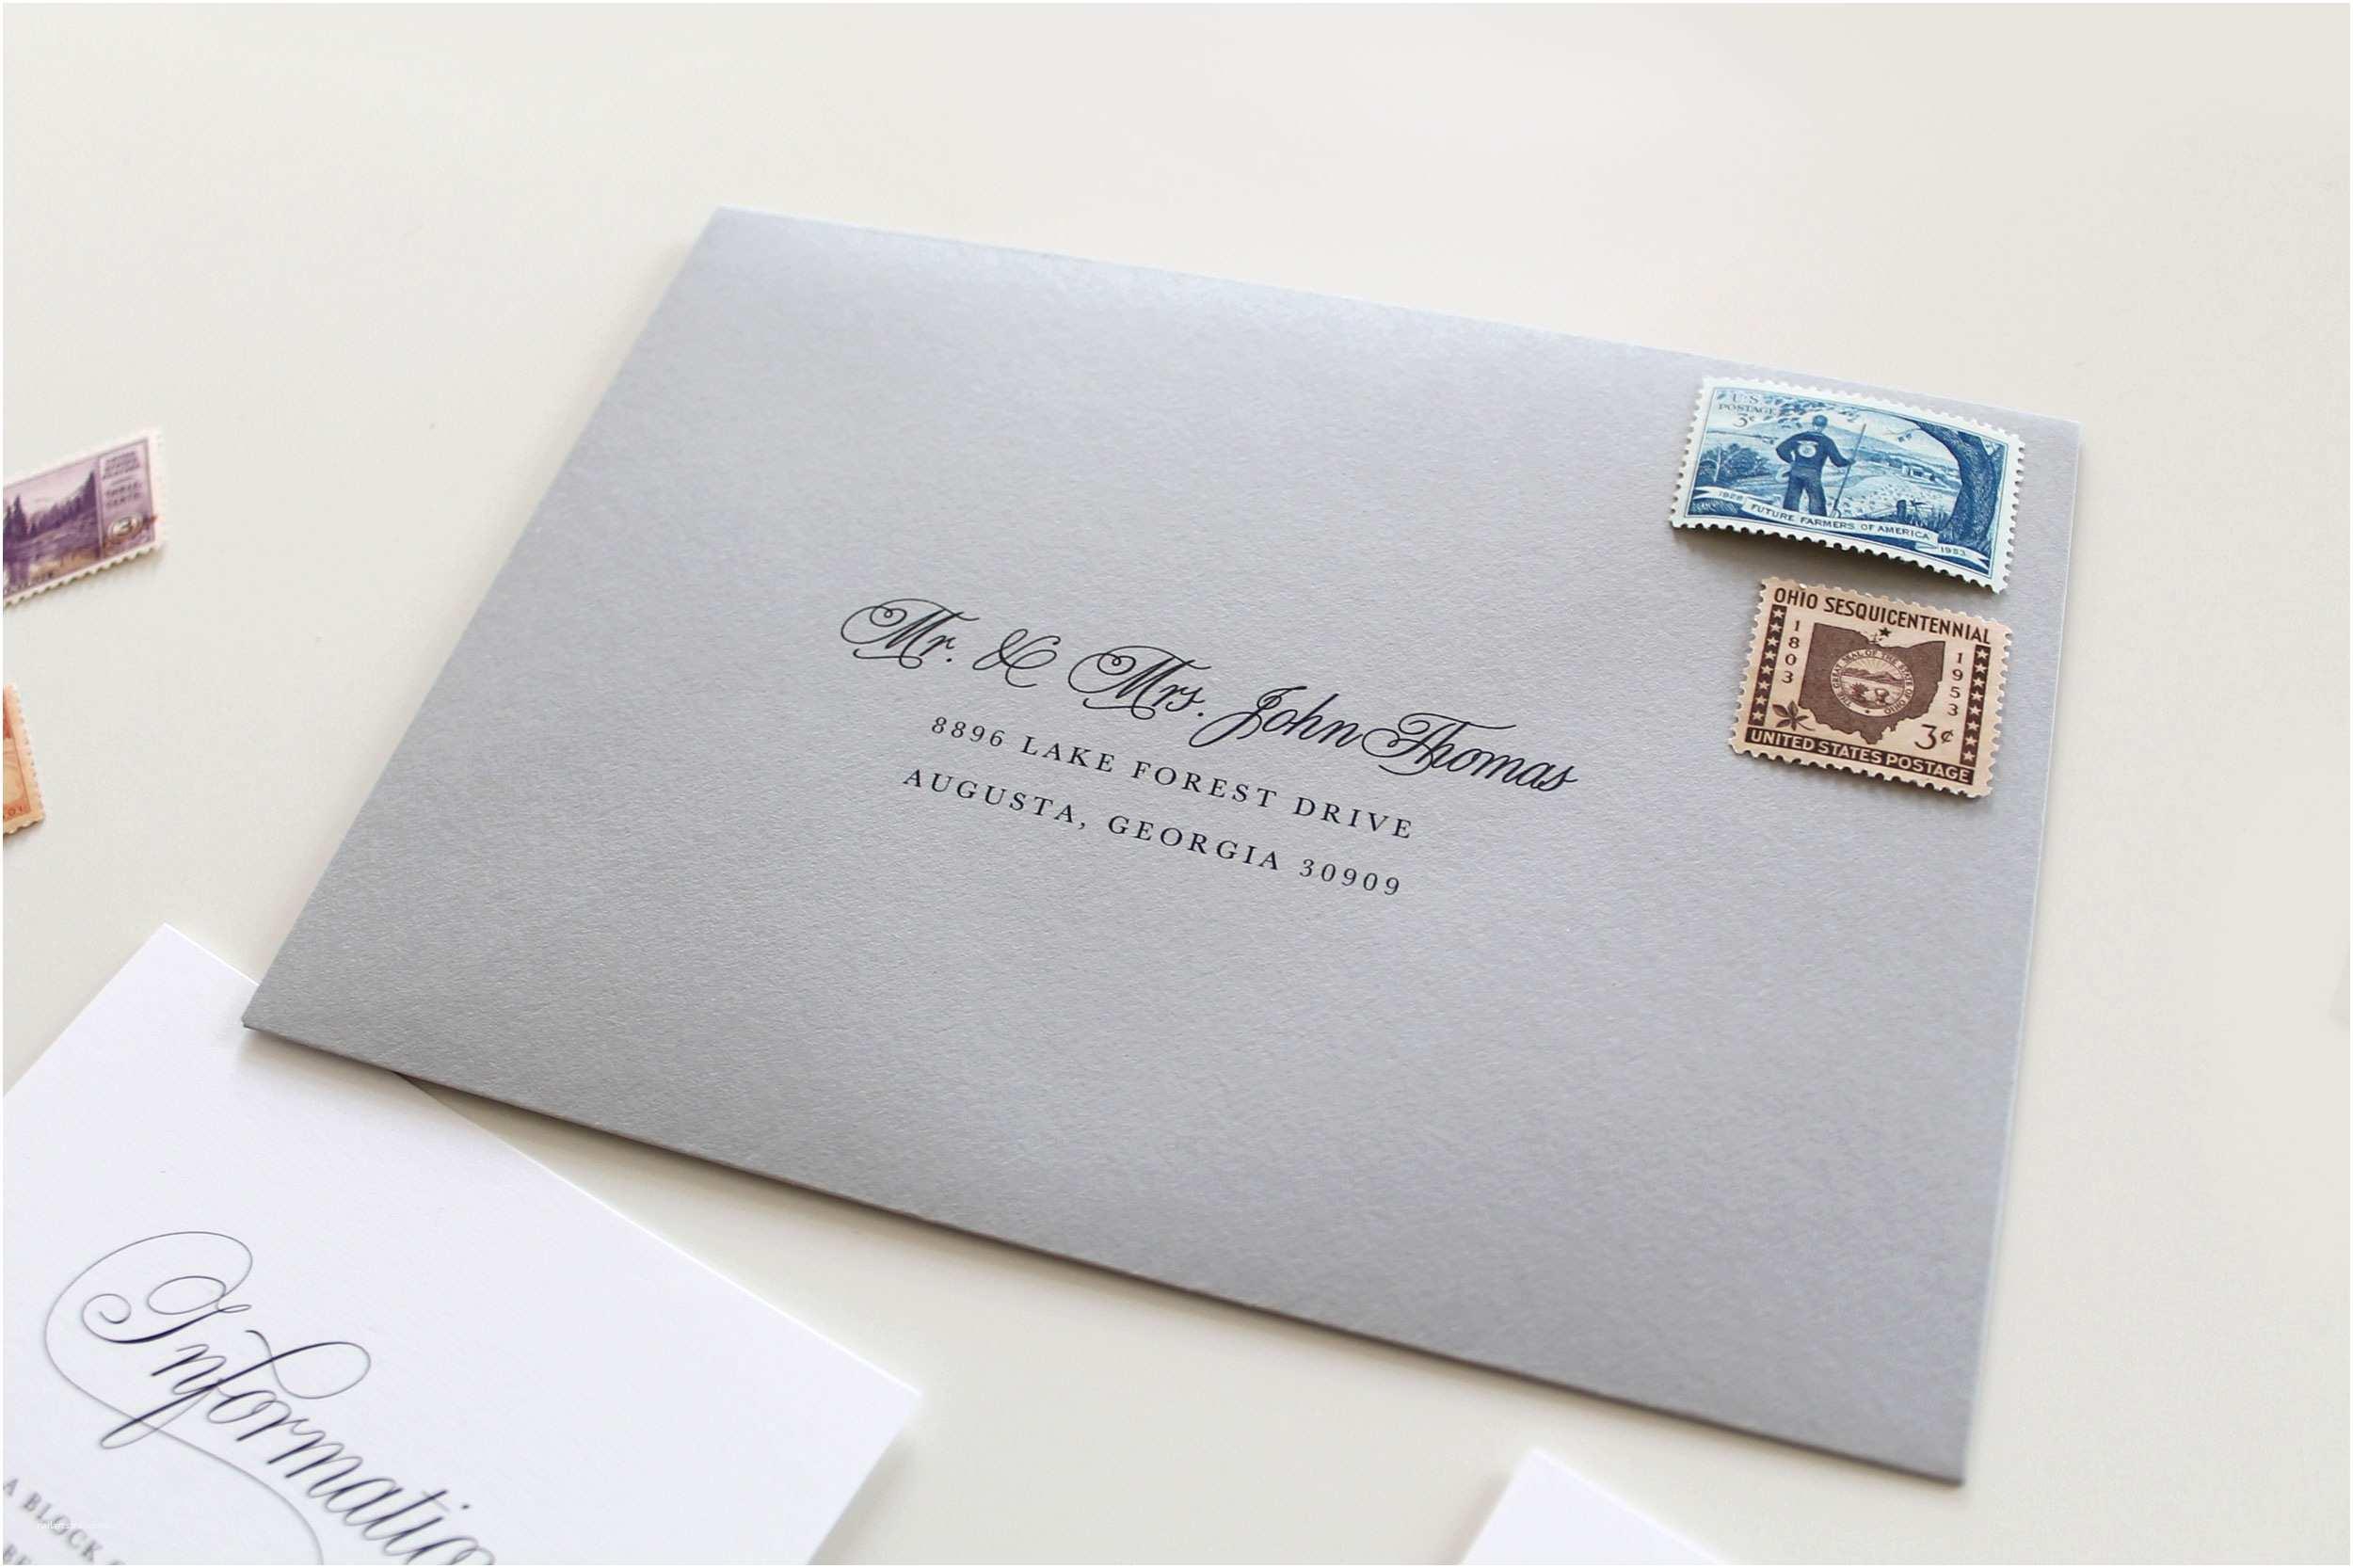 Addressing Wedding Invitation Envelopes Charlotte Wedding Invitations Traditional Wedding